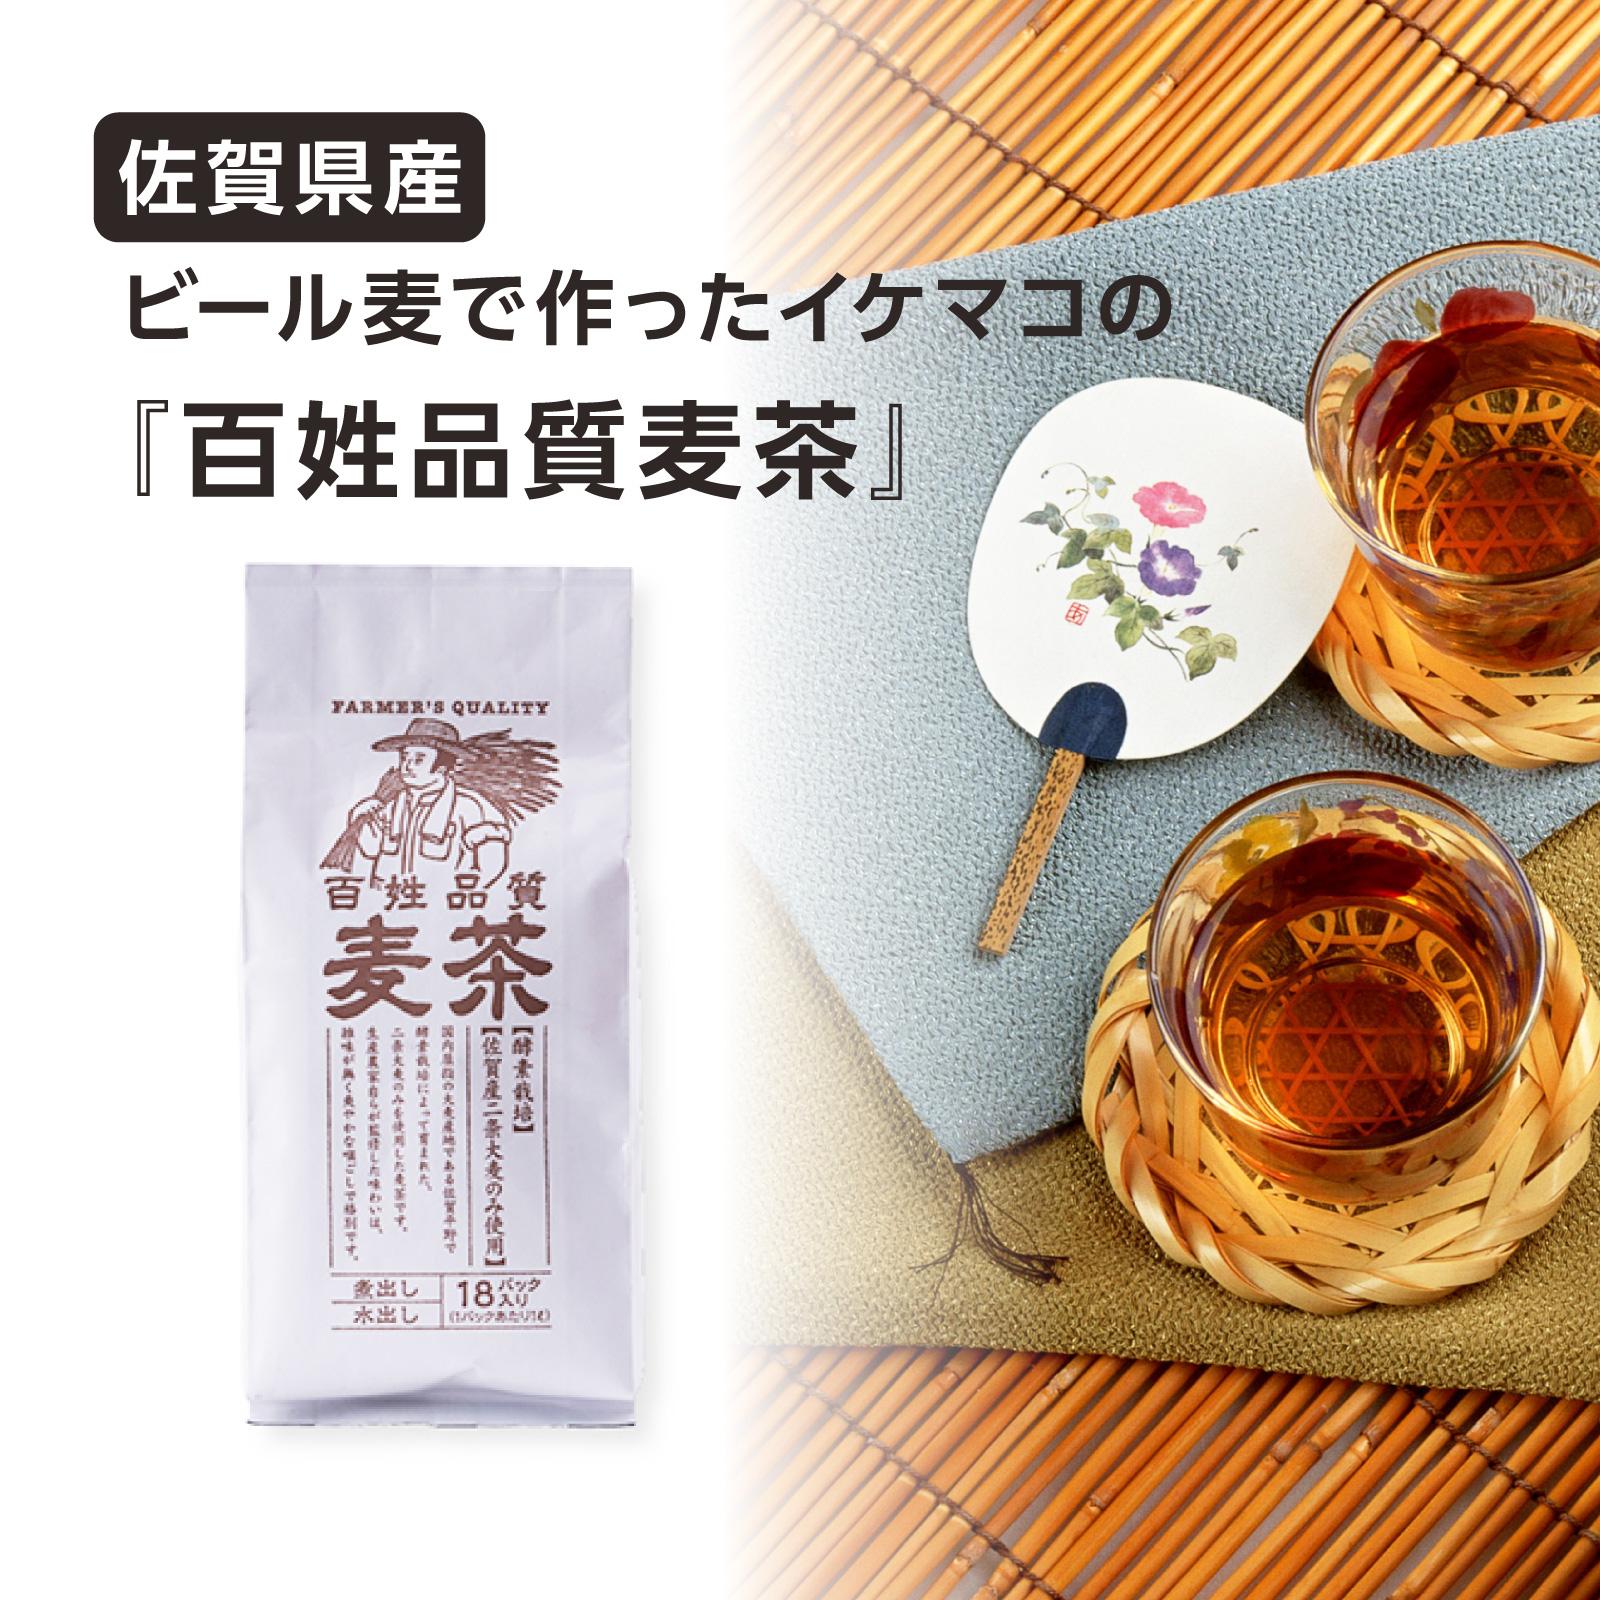 <佐賀県>二条大麦使用!百姓品質麦茶<18パック入り>